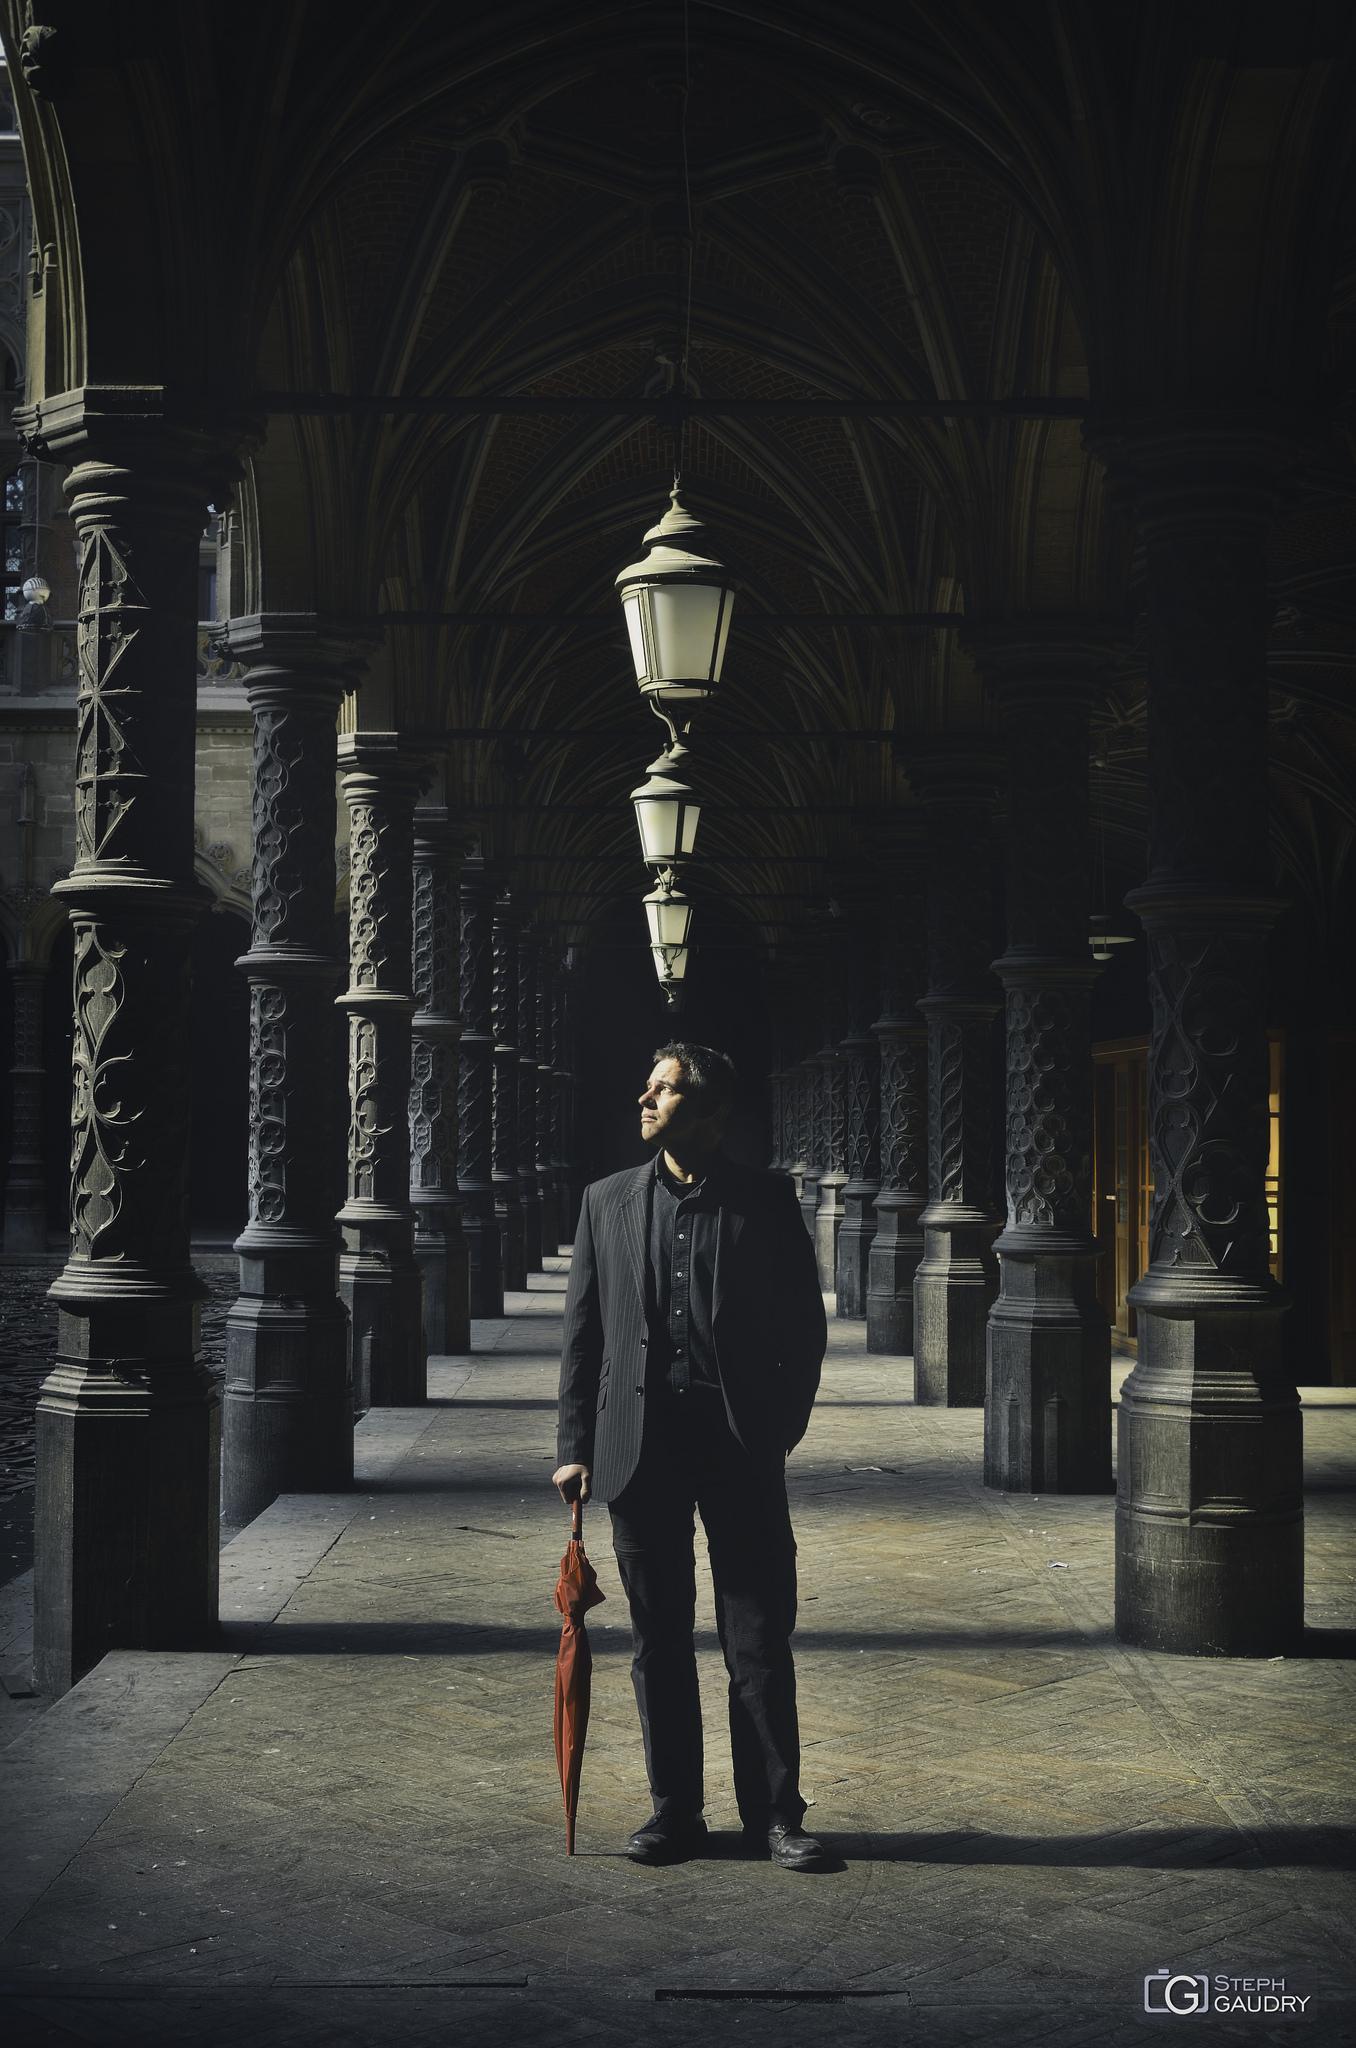 Autoportrait au parapluie rouge [Click to start slideshow]